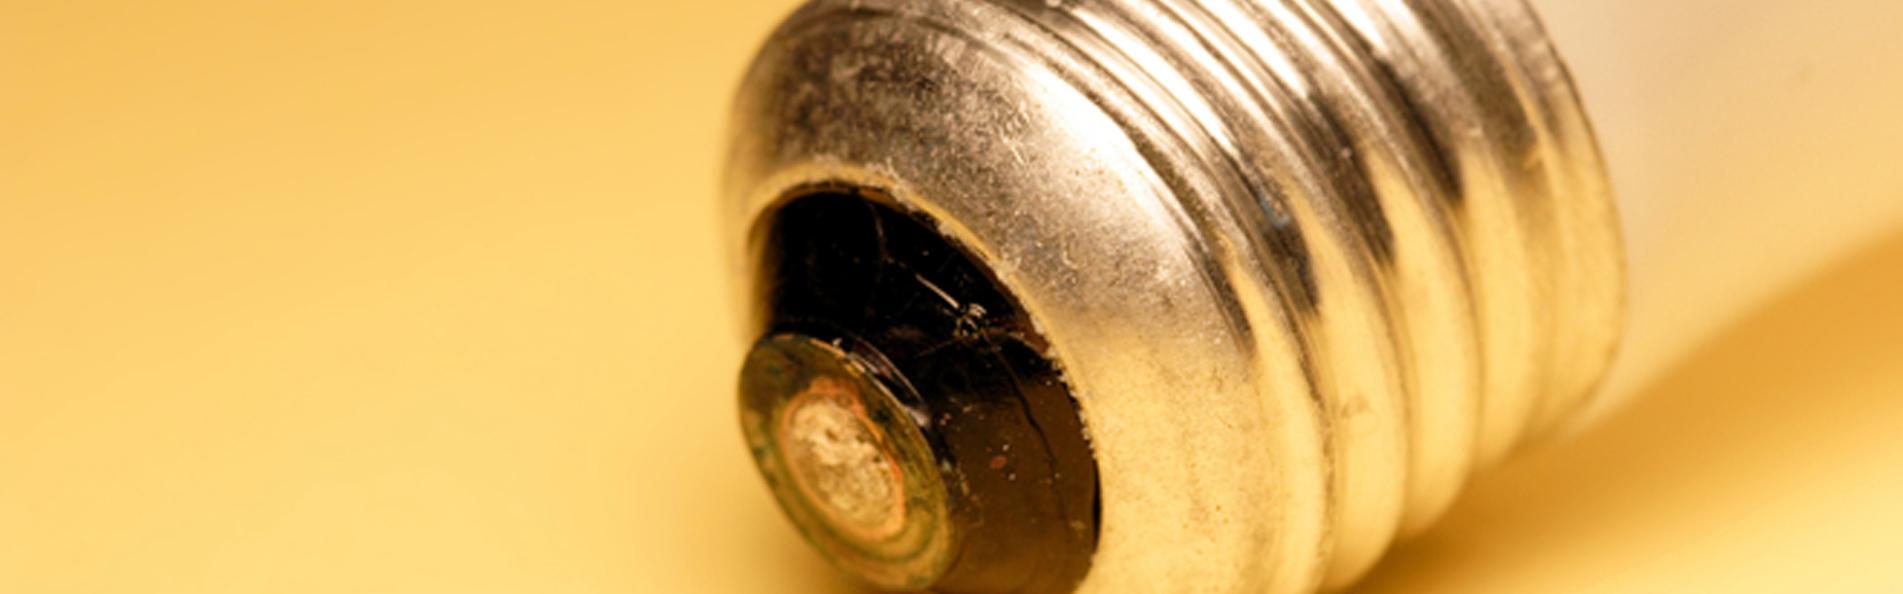 Tipos de casquillos en las bombillas led led almac n - Tipos de casquillos ...